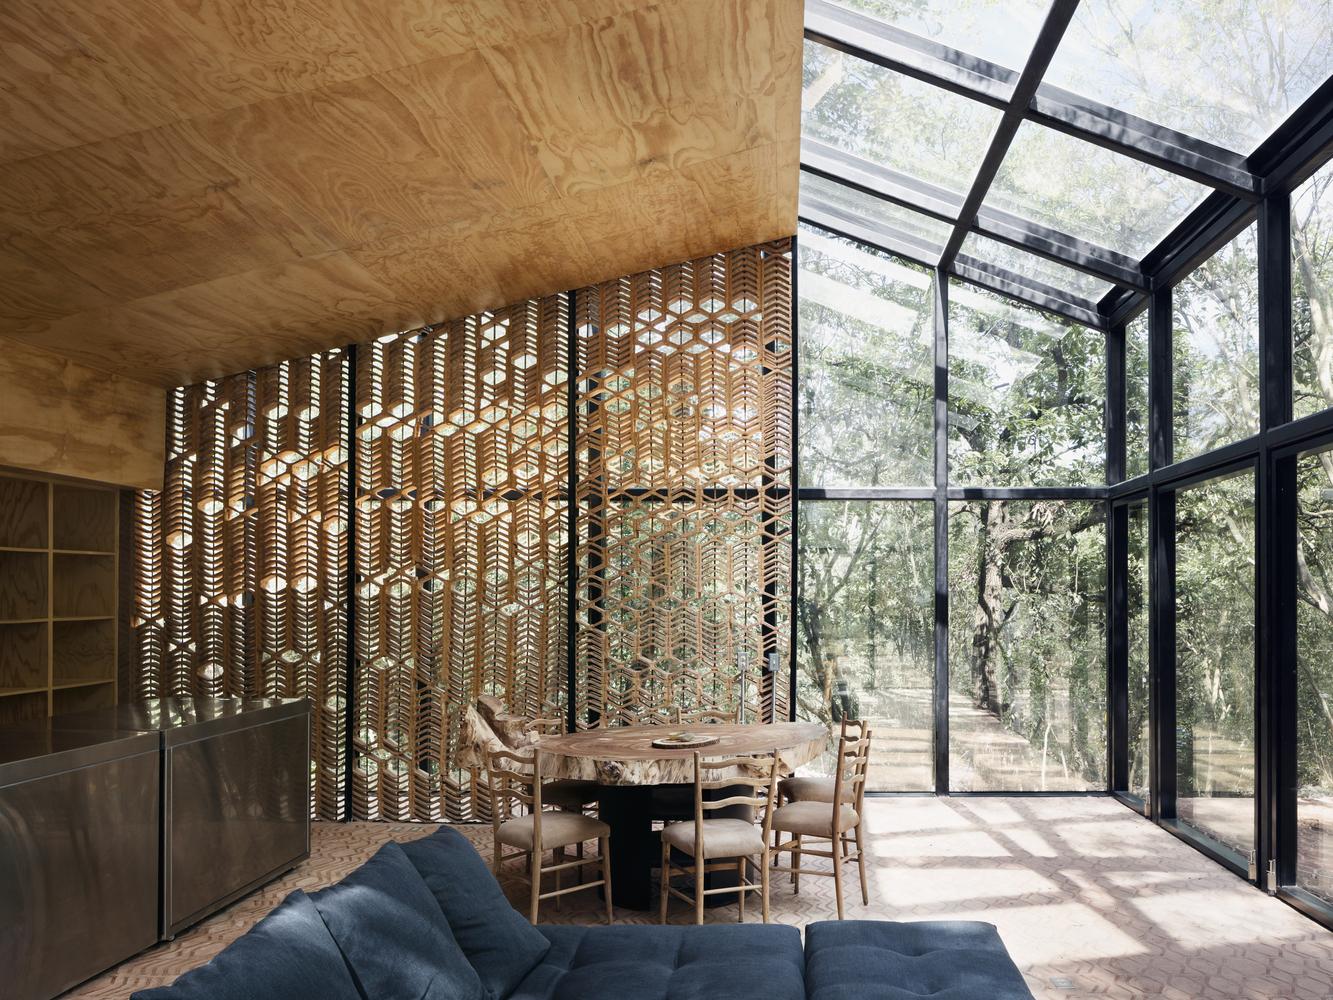 Il soggiorno e le aree comuni comunicano con l'esterno / Rory Gardiner